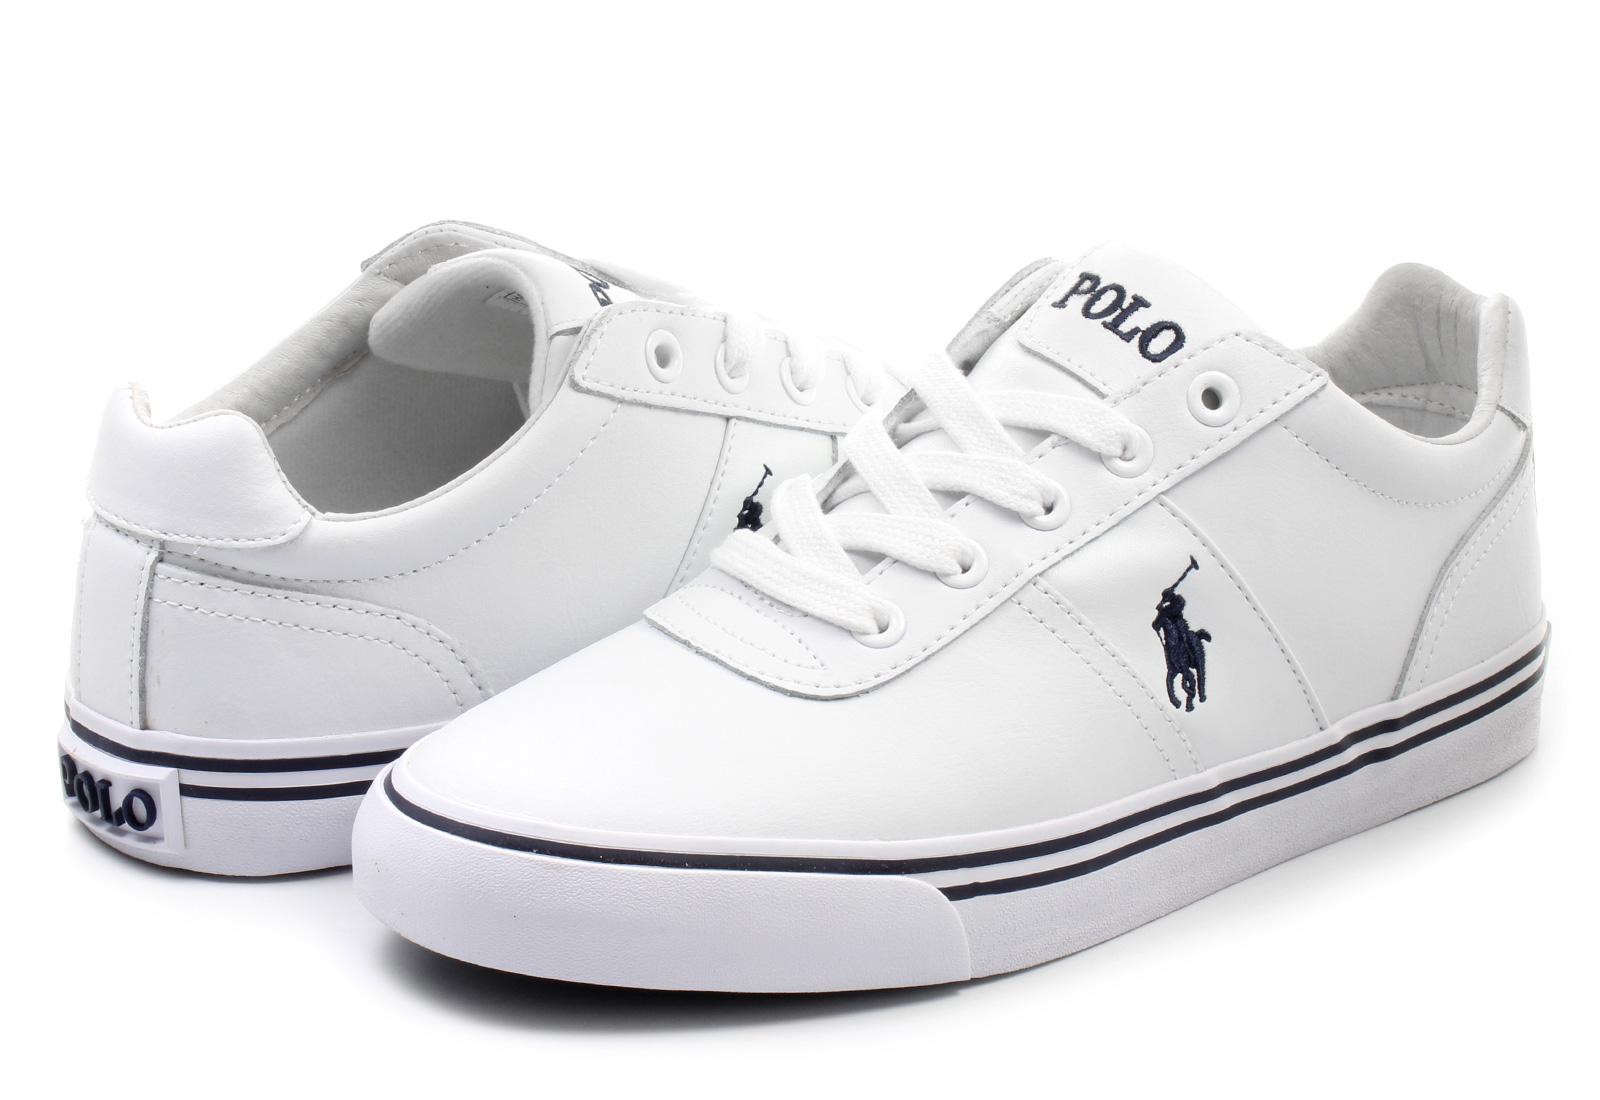 Polo Ralph Lauren Cipő - Hanford - 2140-R-A1000 - Office Shoes ... a7df5e4900